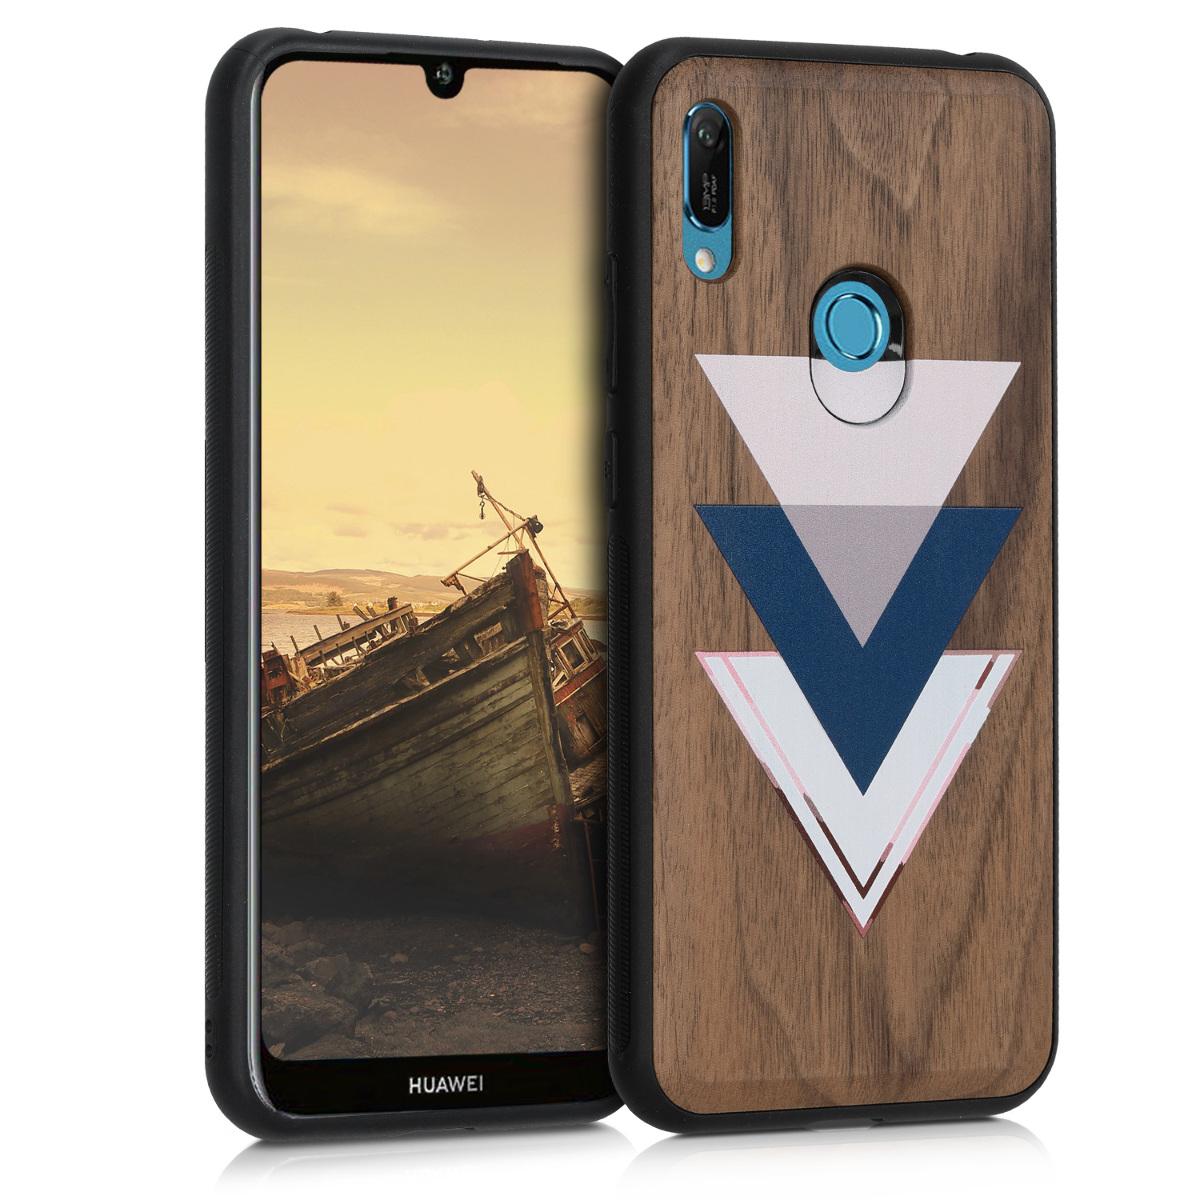 KW Σκληρή Ξύλινη Θήκη Huawei Y6 (2019) - Wood and Triangles (49481.04)